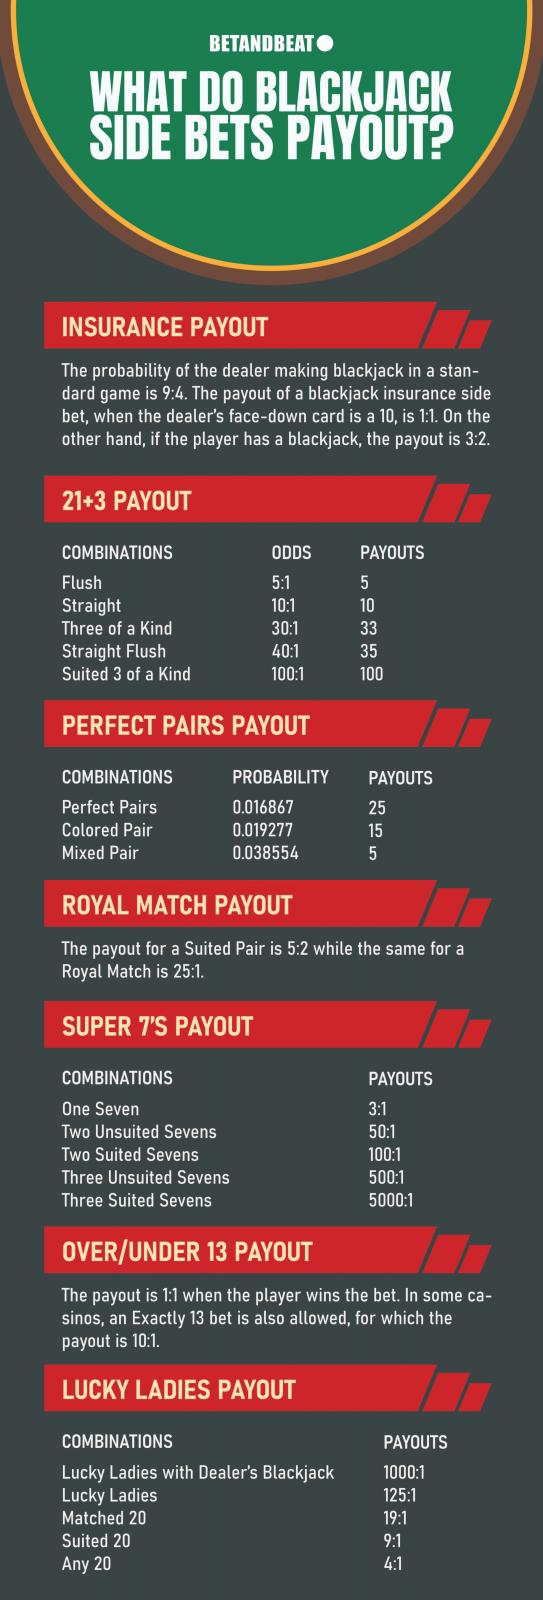 blackjack side bets payout